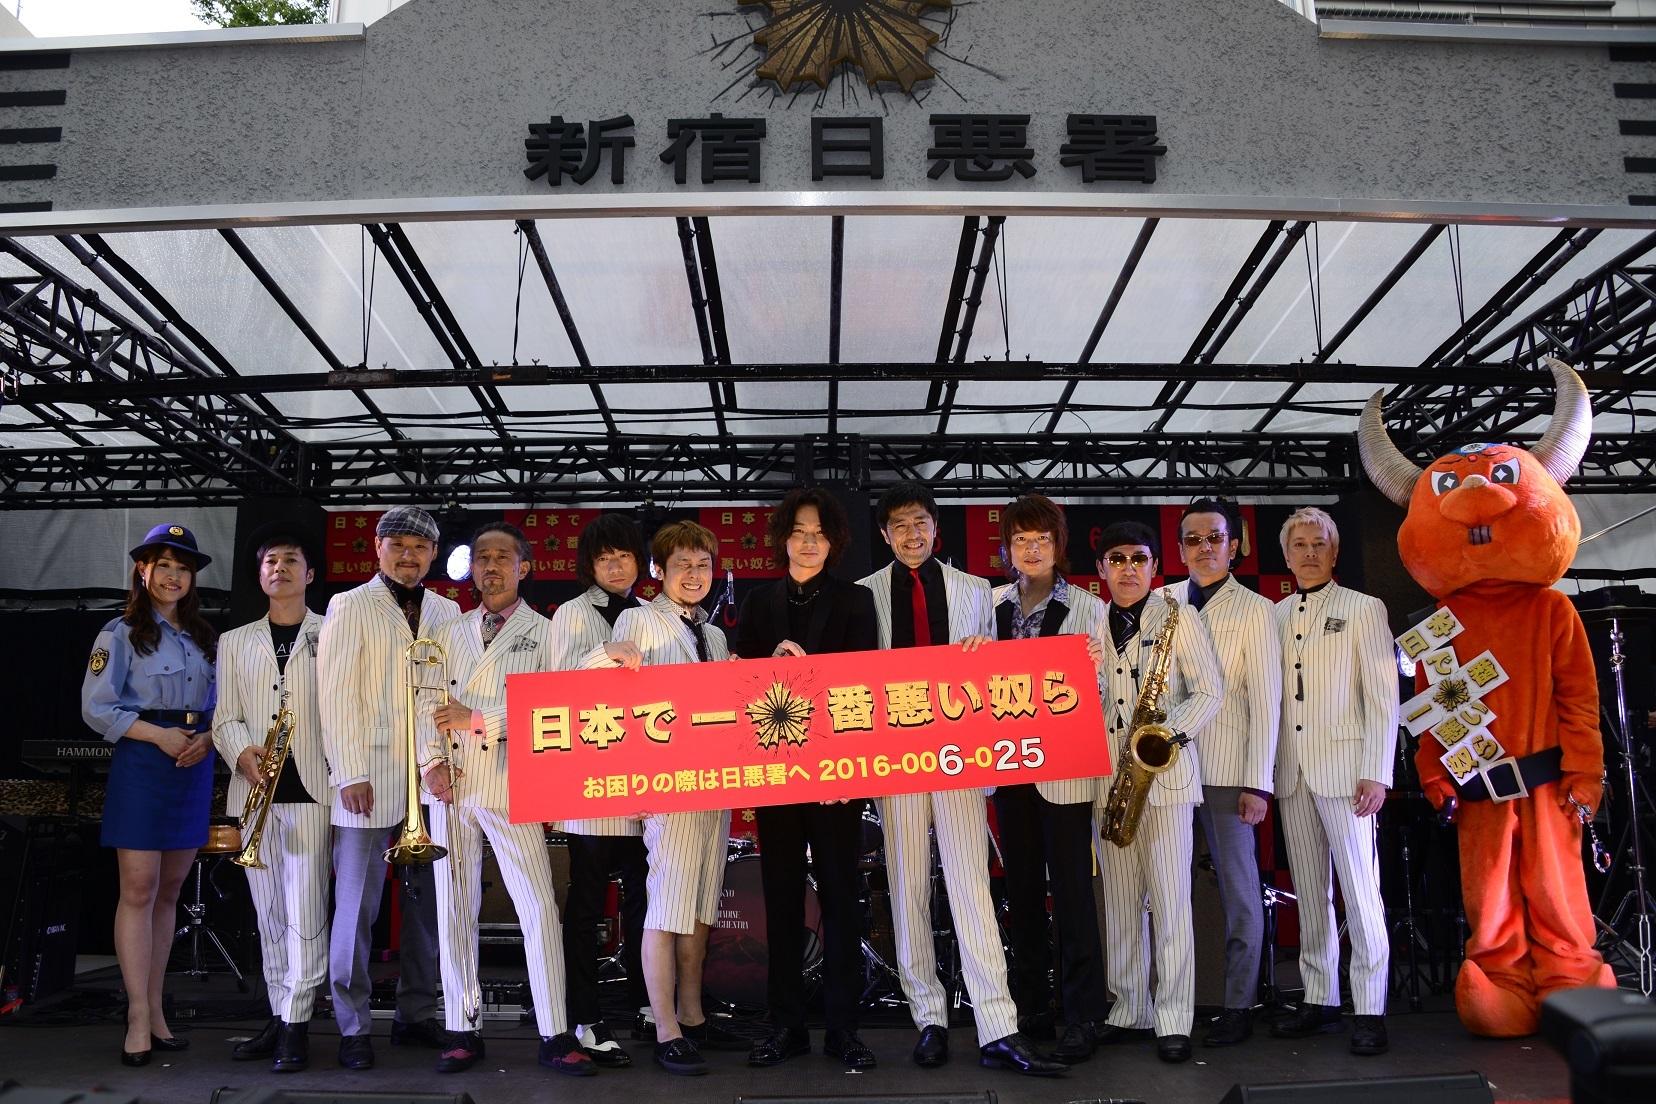 綾野剛、東京スカパラダイスオーケストラfeat.Ken Yokoyama、ニチワルくん